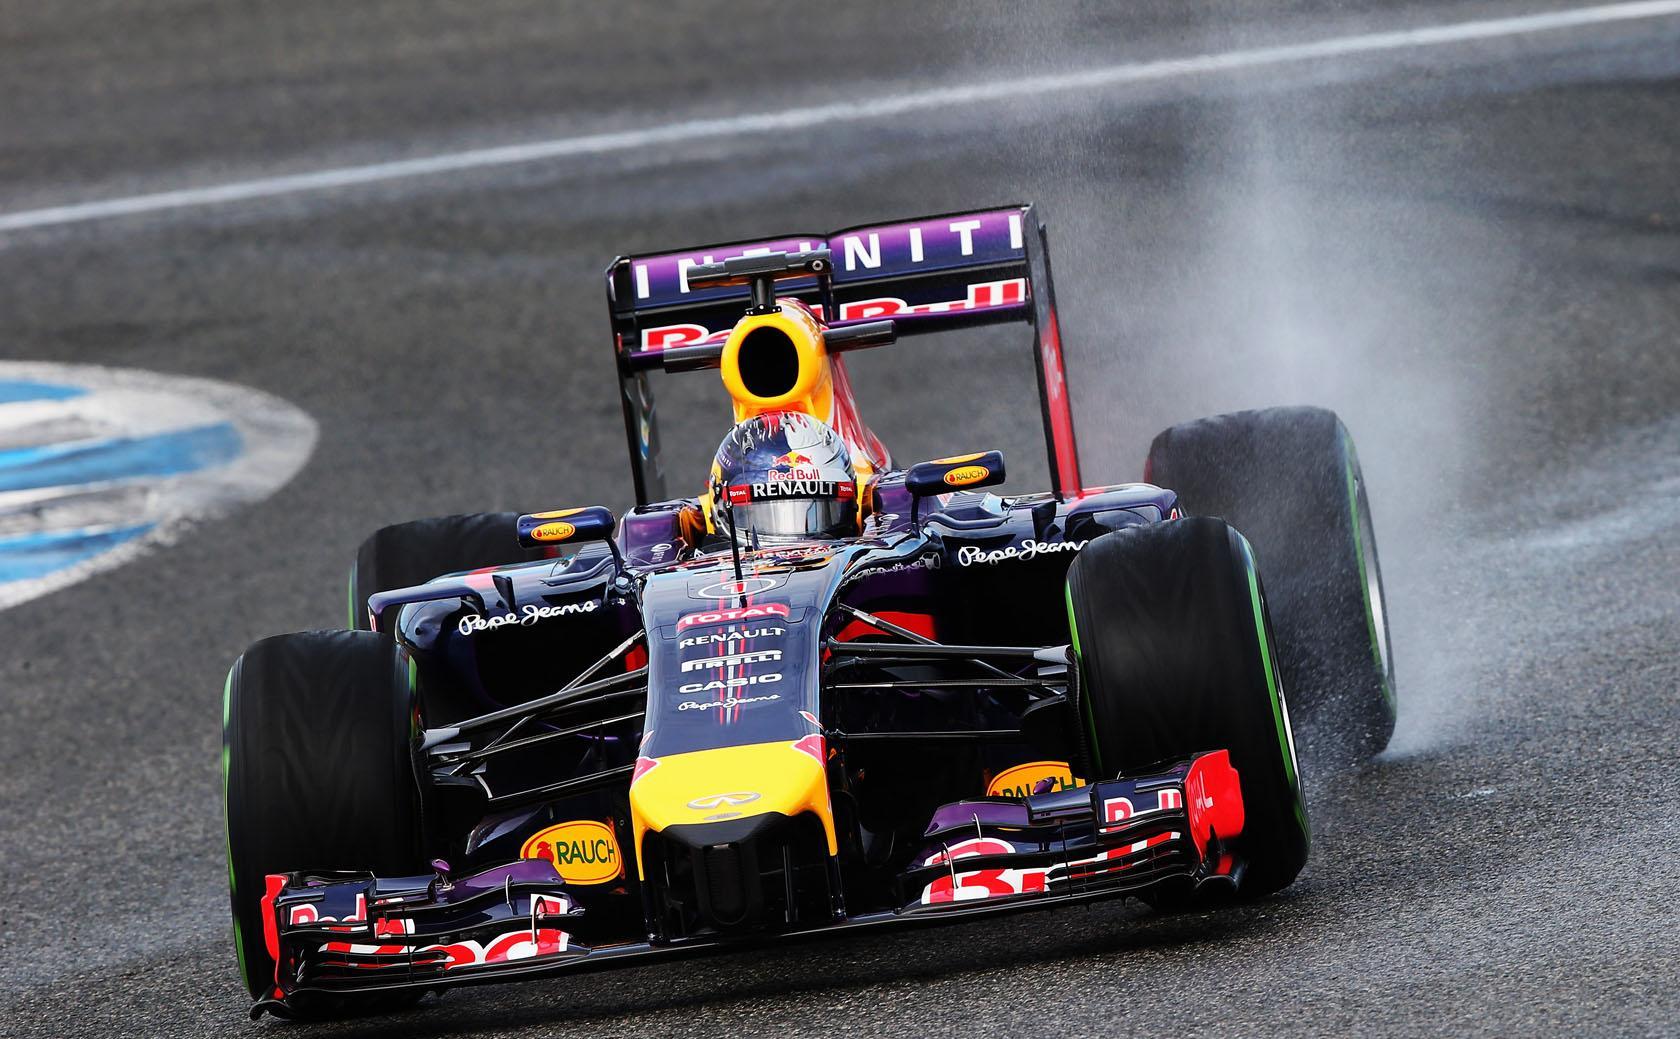 Vettel a számítógép, de a gyors kanyarok fogást találnak rajta - mondja Webber